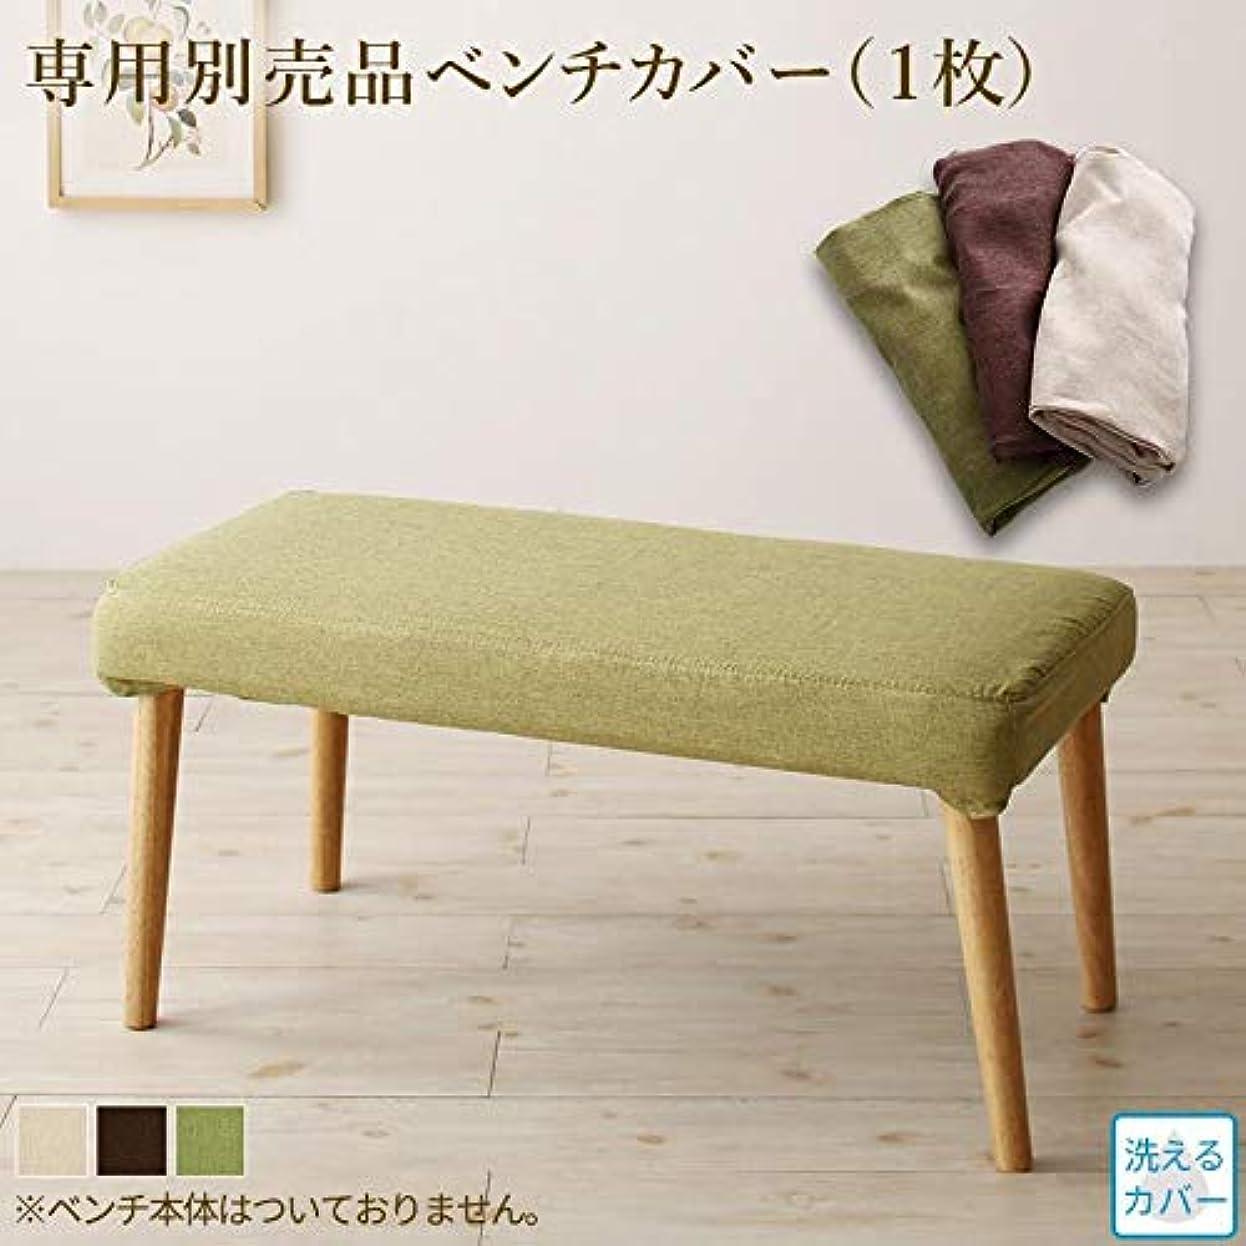 学習者悪因子さらに北欧デザイン 伸縮式楕円テーブルダイニングシリーズ ベンチ用別売りカバー単品(1枚) (ベンチ本体なし) ブラウン